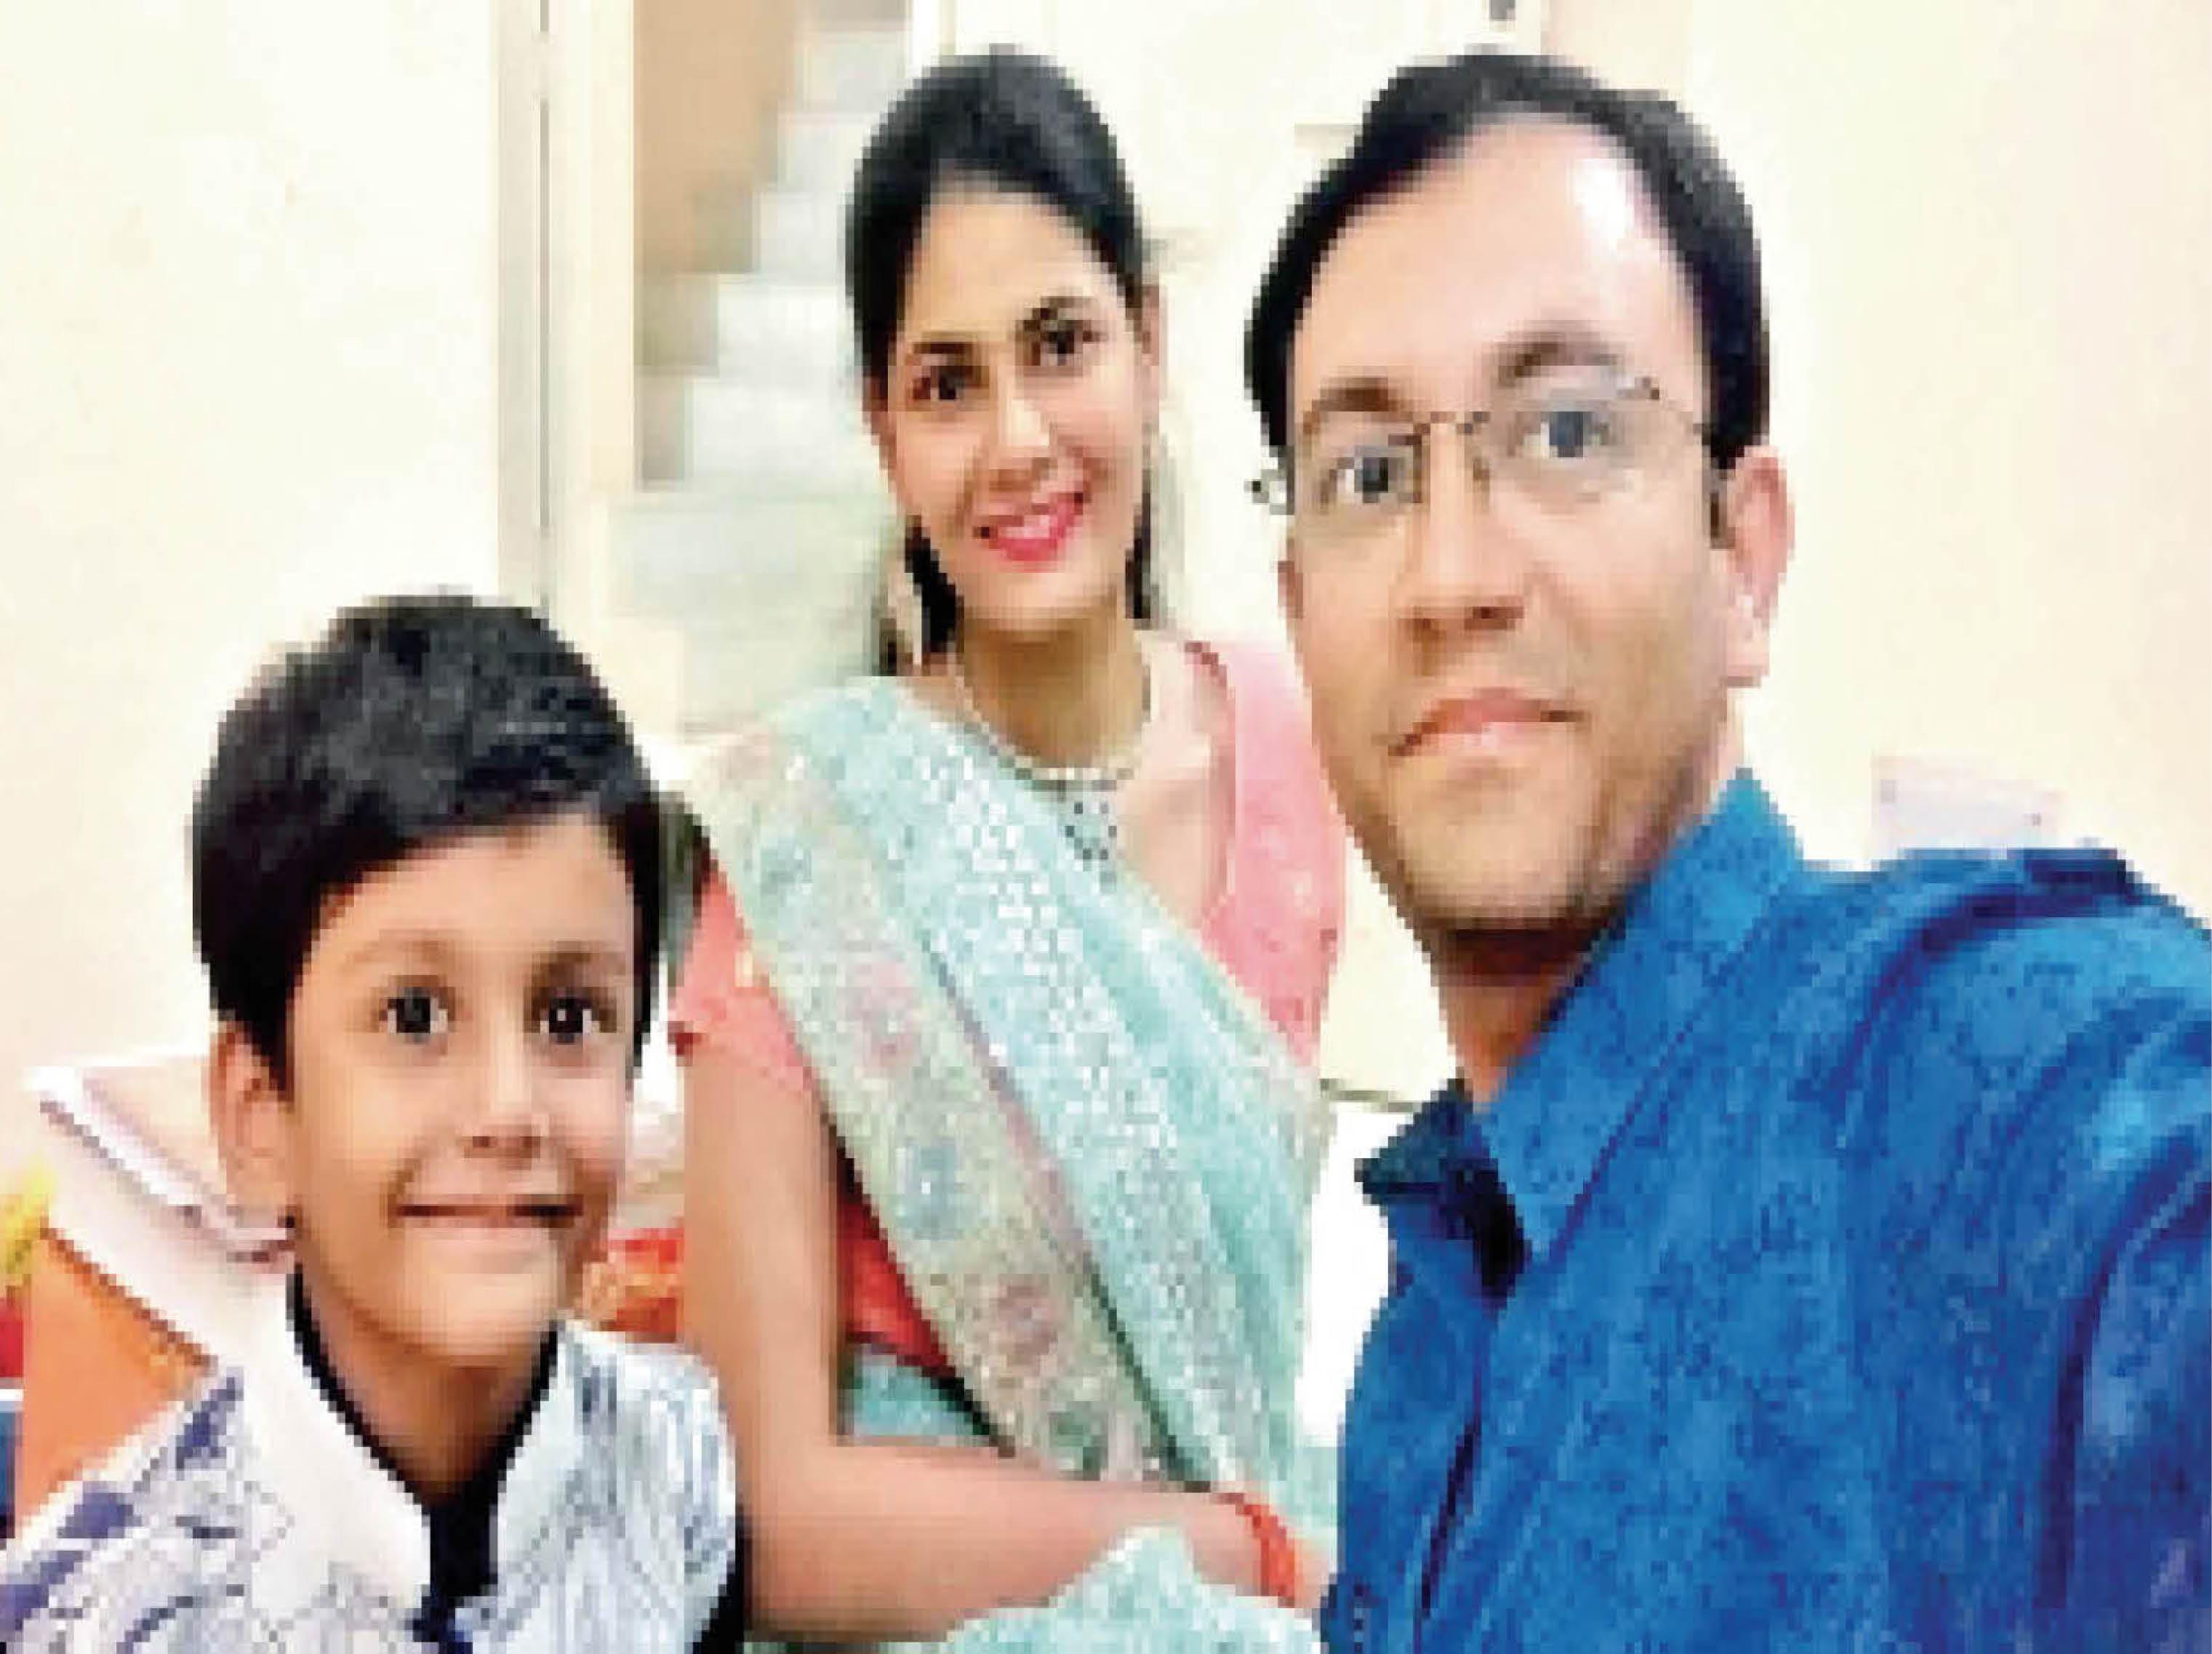 शादी की सालगिरह के दिन ही 36 साल का बैंक मैनेजर कोरोना से हारा; 21 अप्रैल को मां की मौत, 25 को पिता गए; बहन वेंटिलेटर पर|भोपाल,Bhopal - Dainik Bhaskar